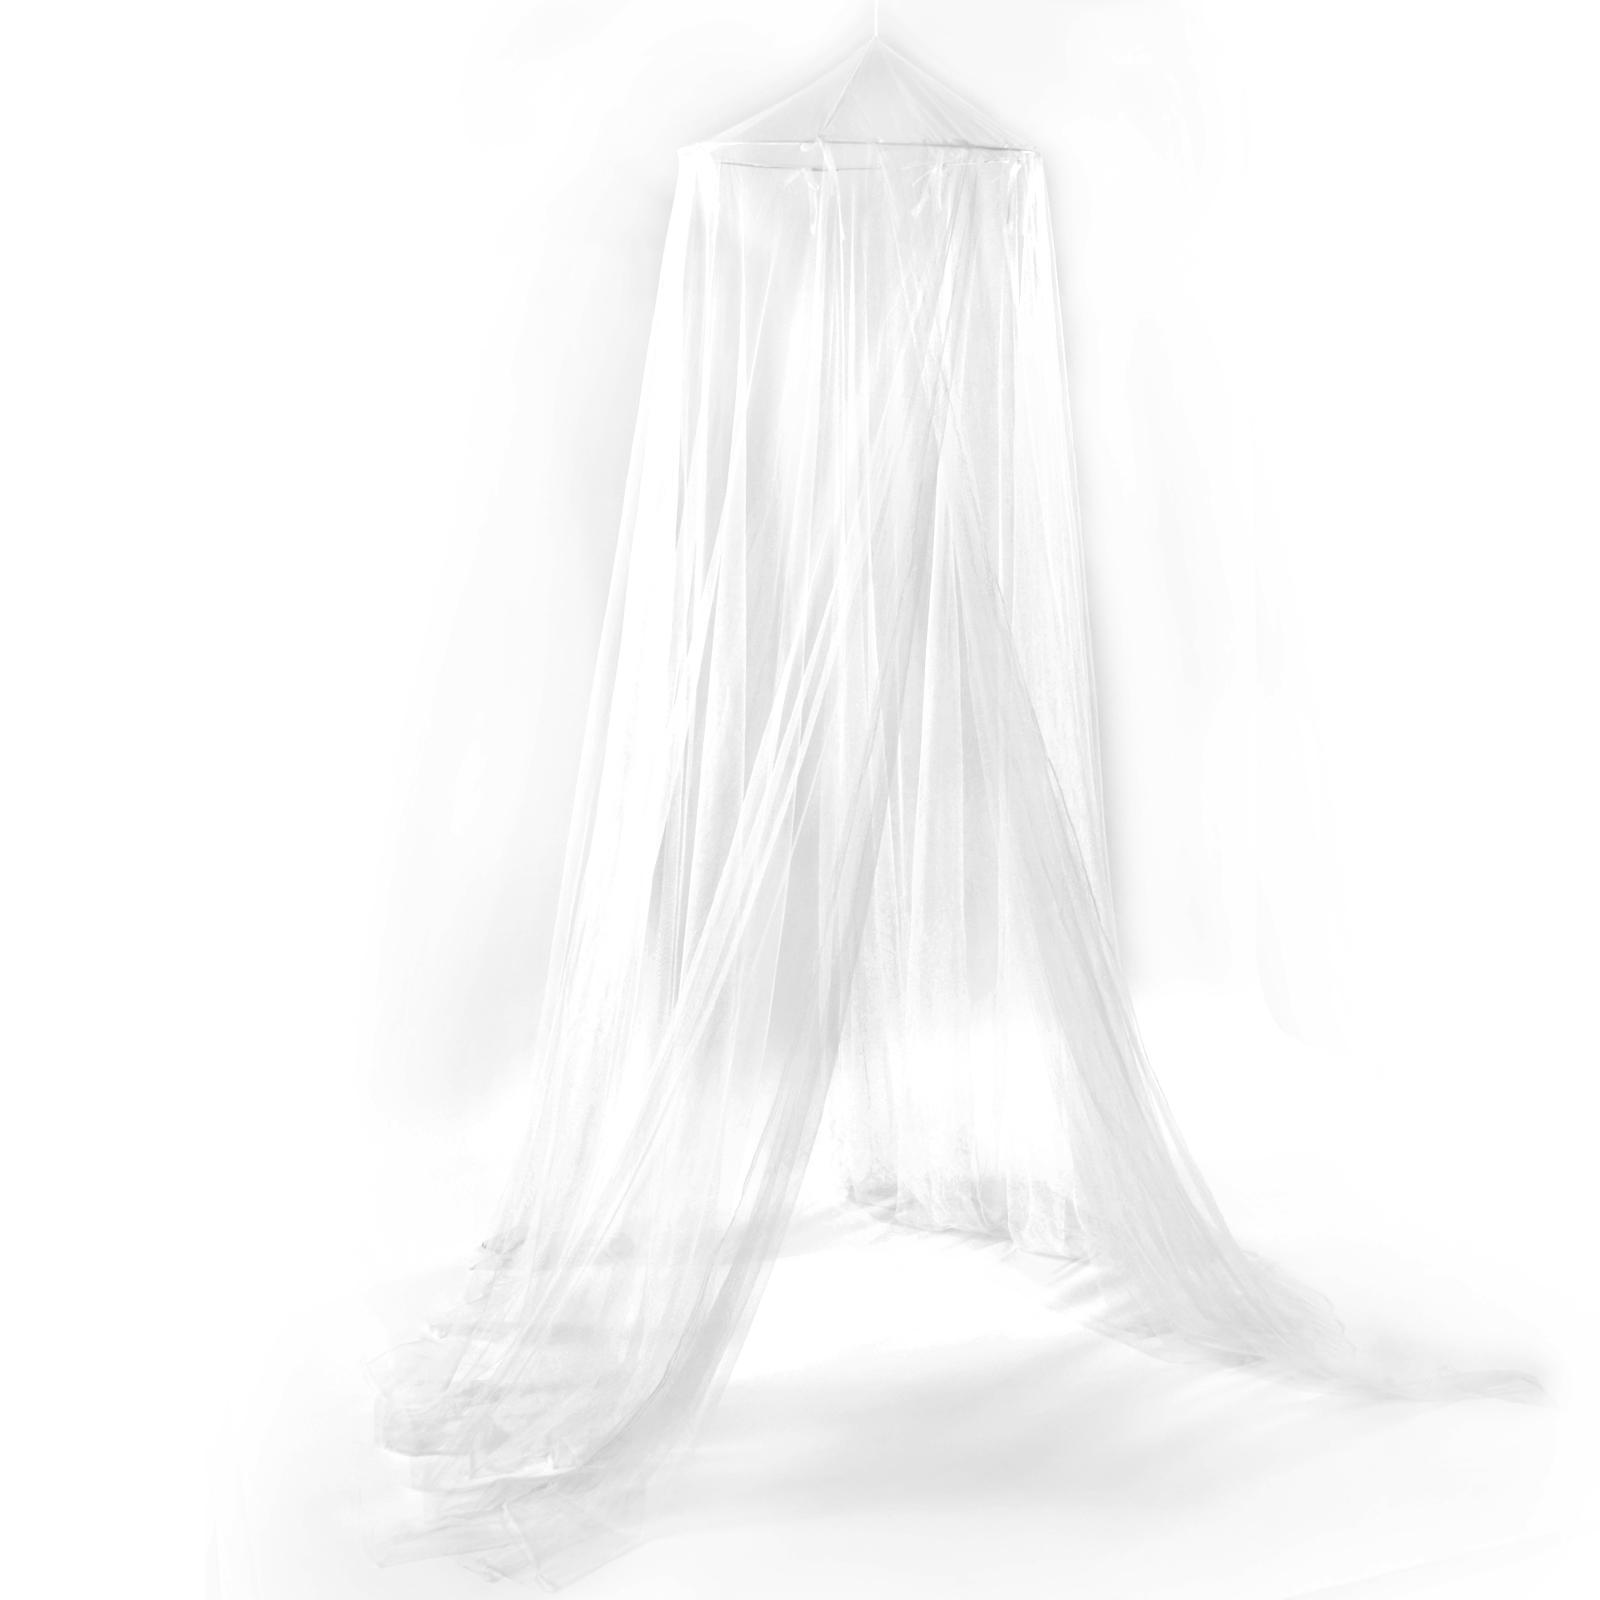 Tenda zanzariera da letto rete protezione anti insetti - Insetti da letto ...